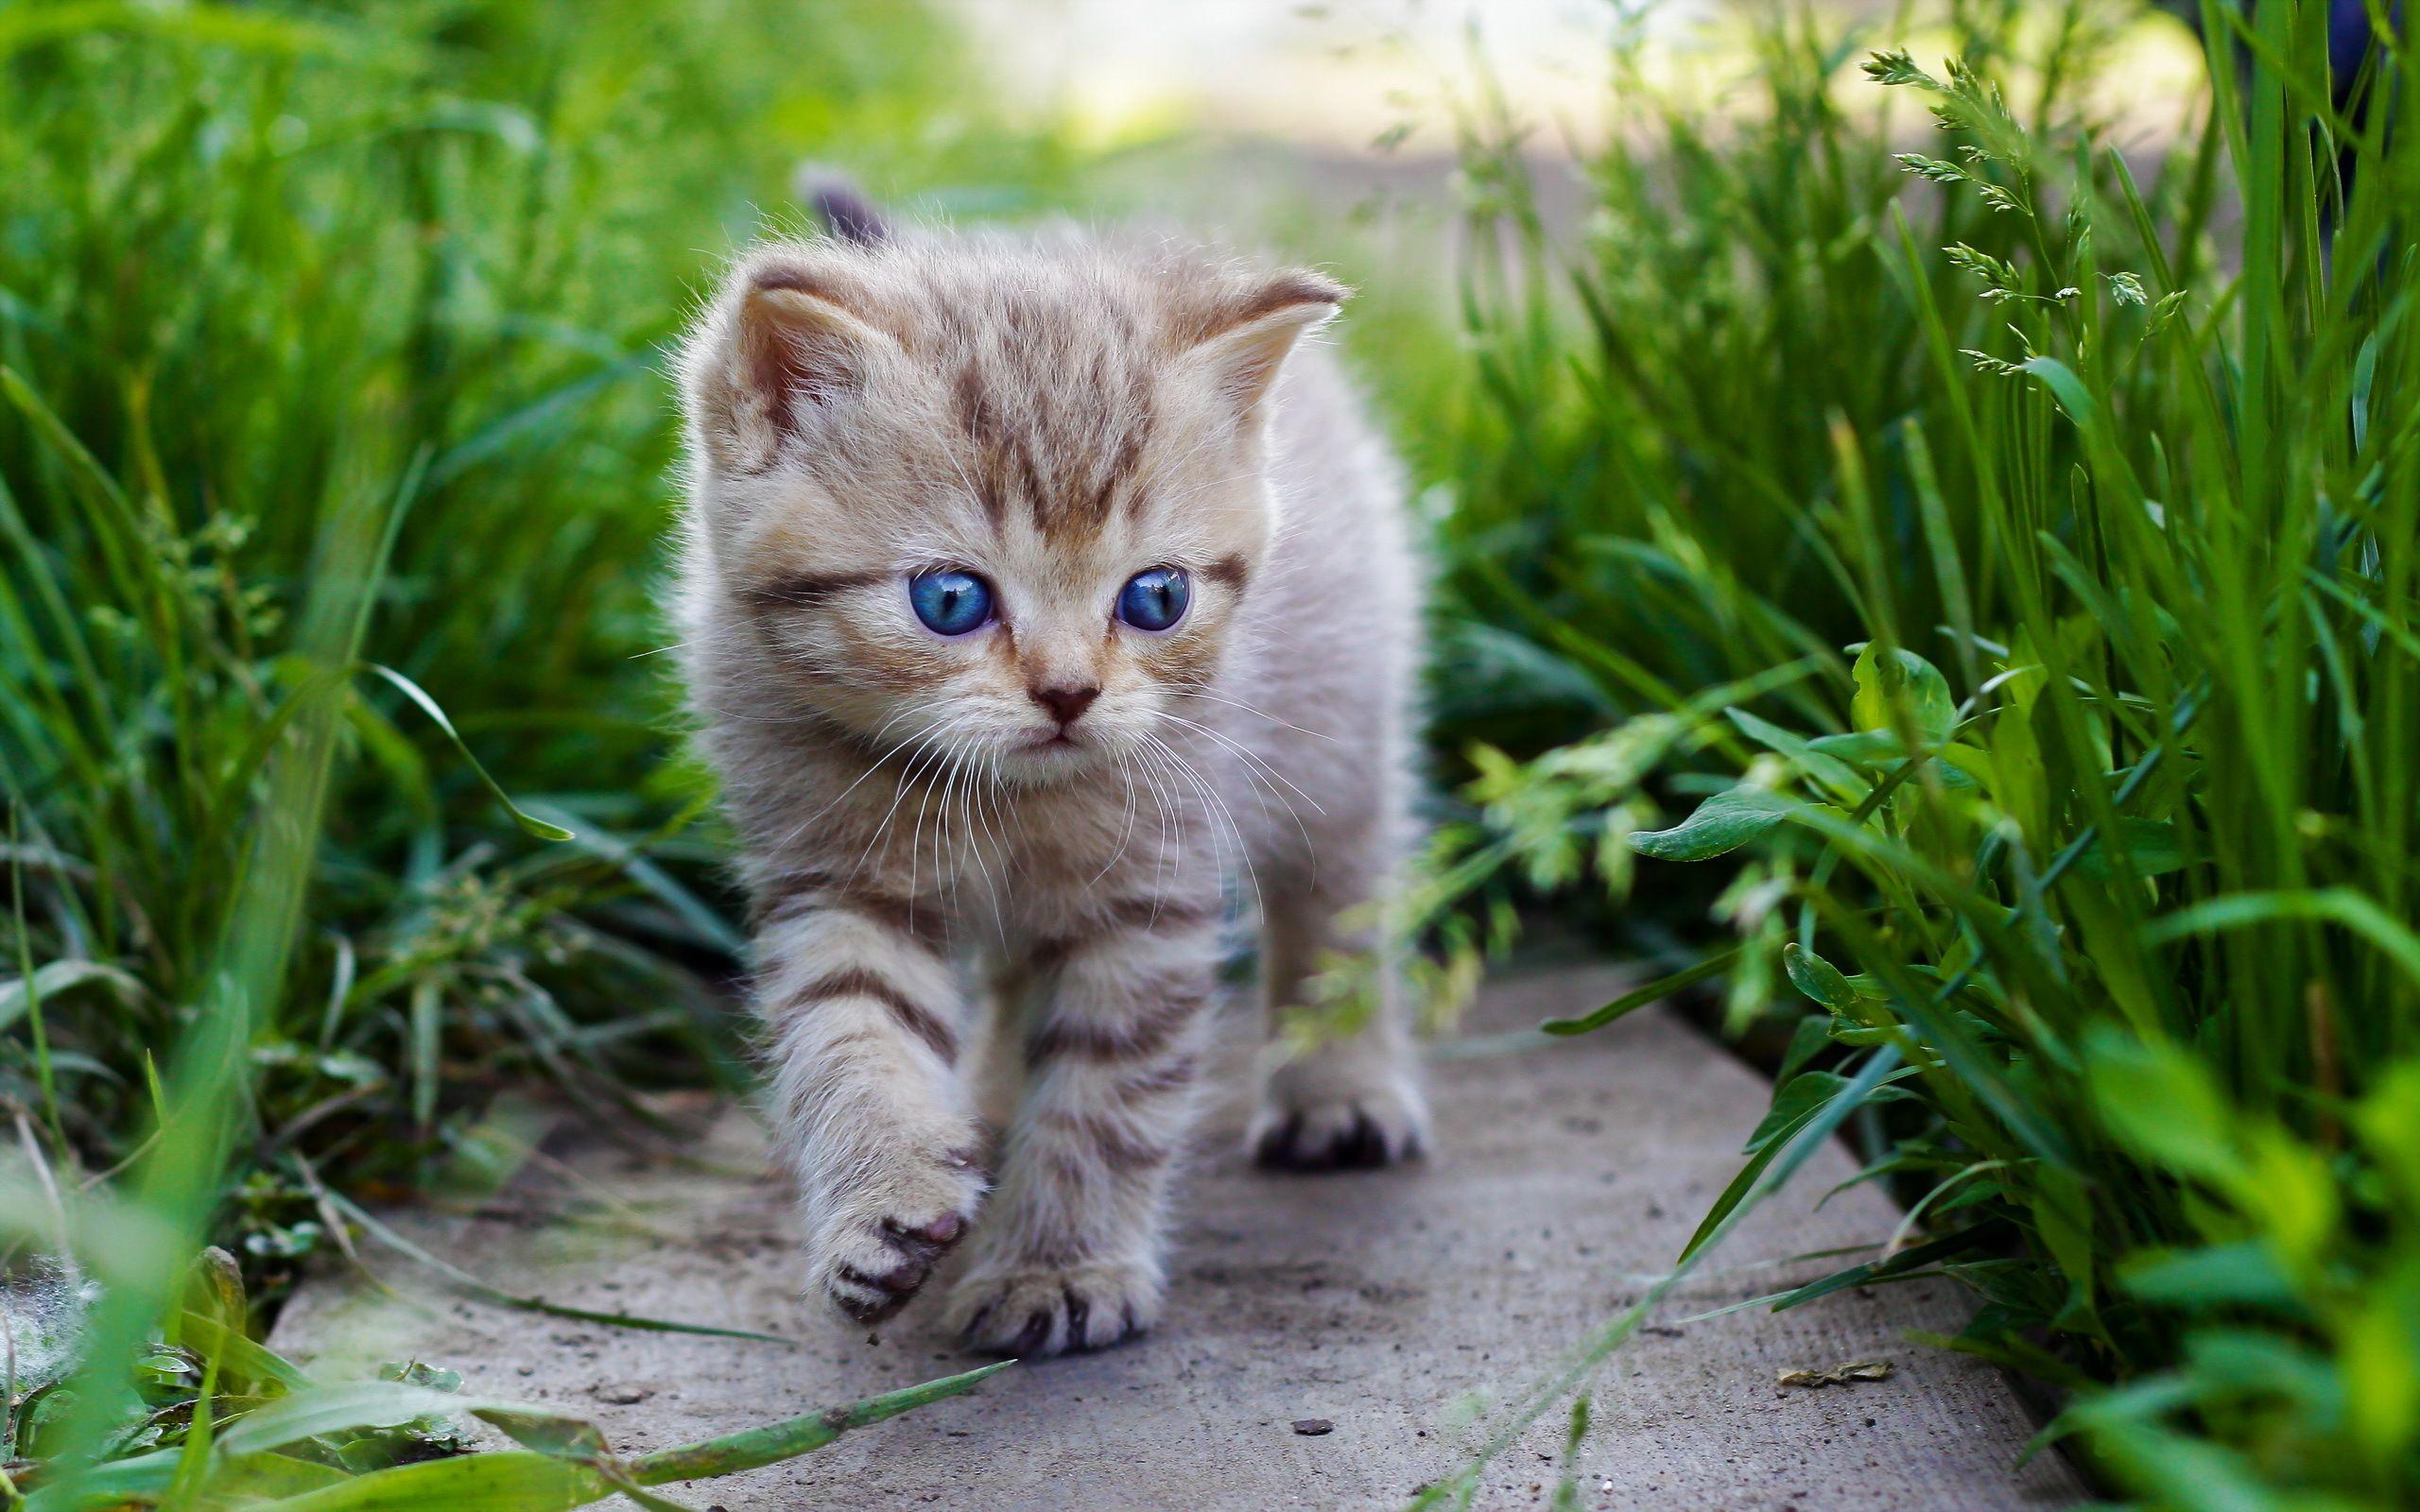 Citations et Proverbes 2: 5 Citations sur les chats - Frawsy